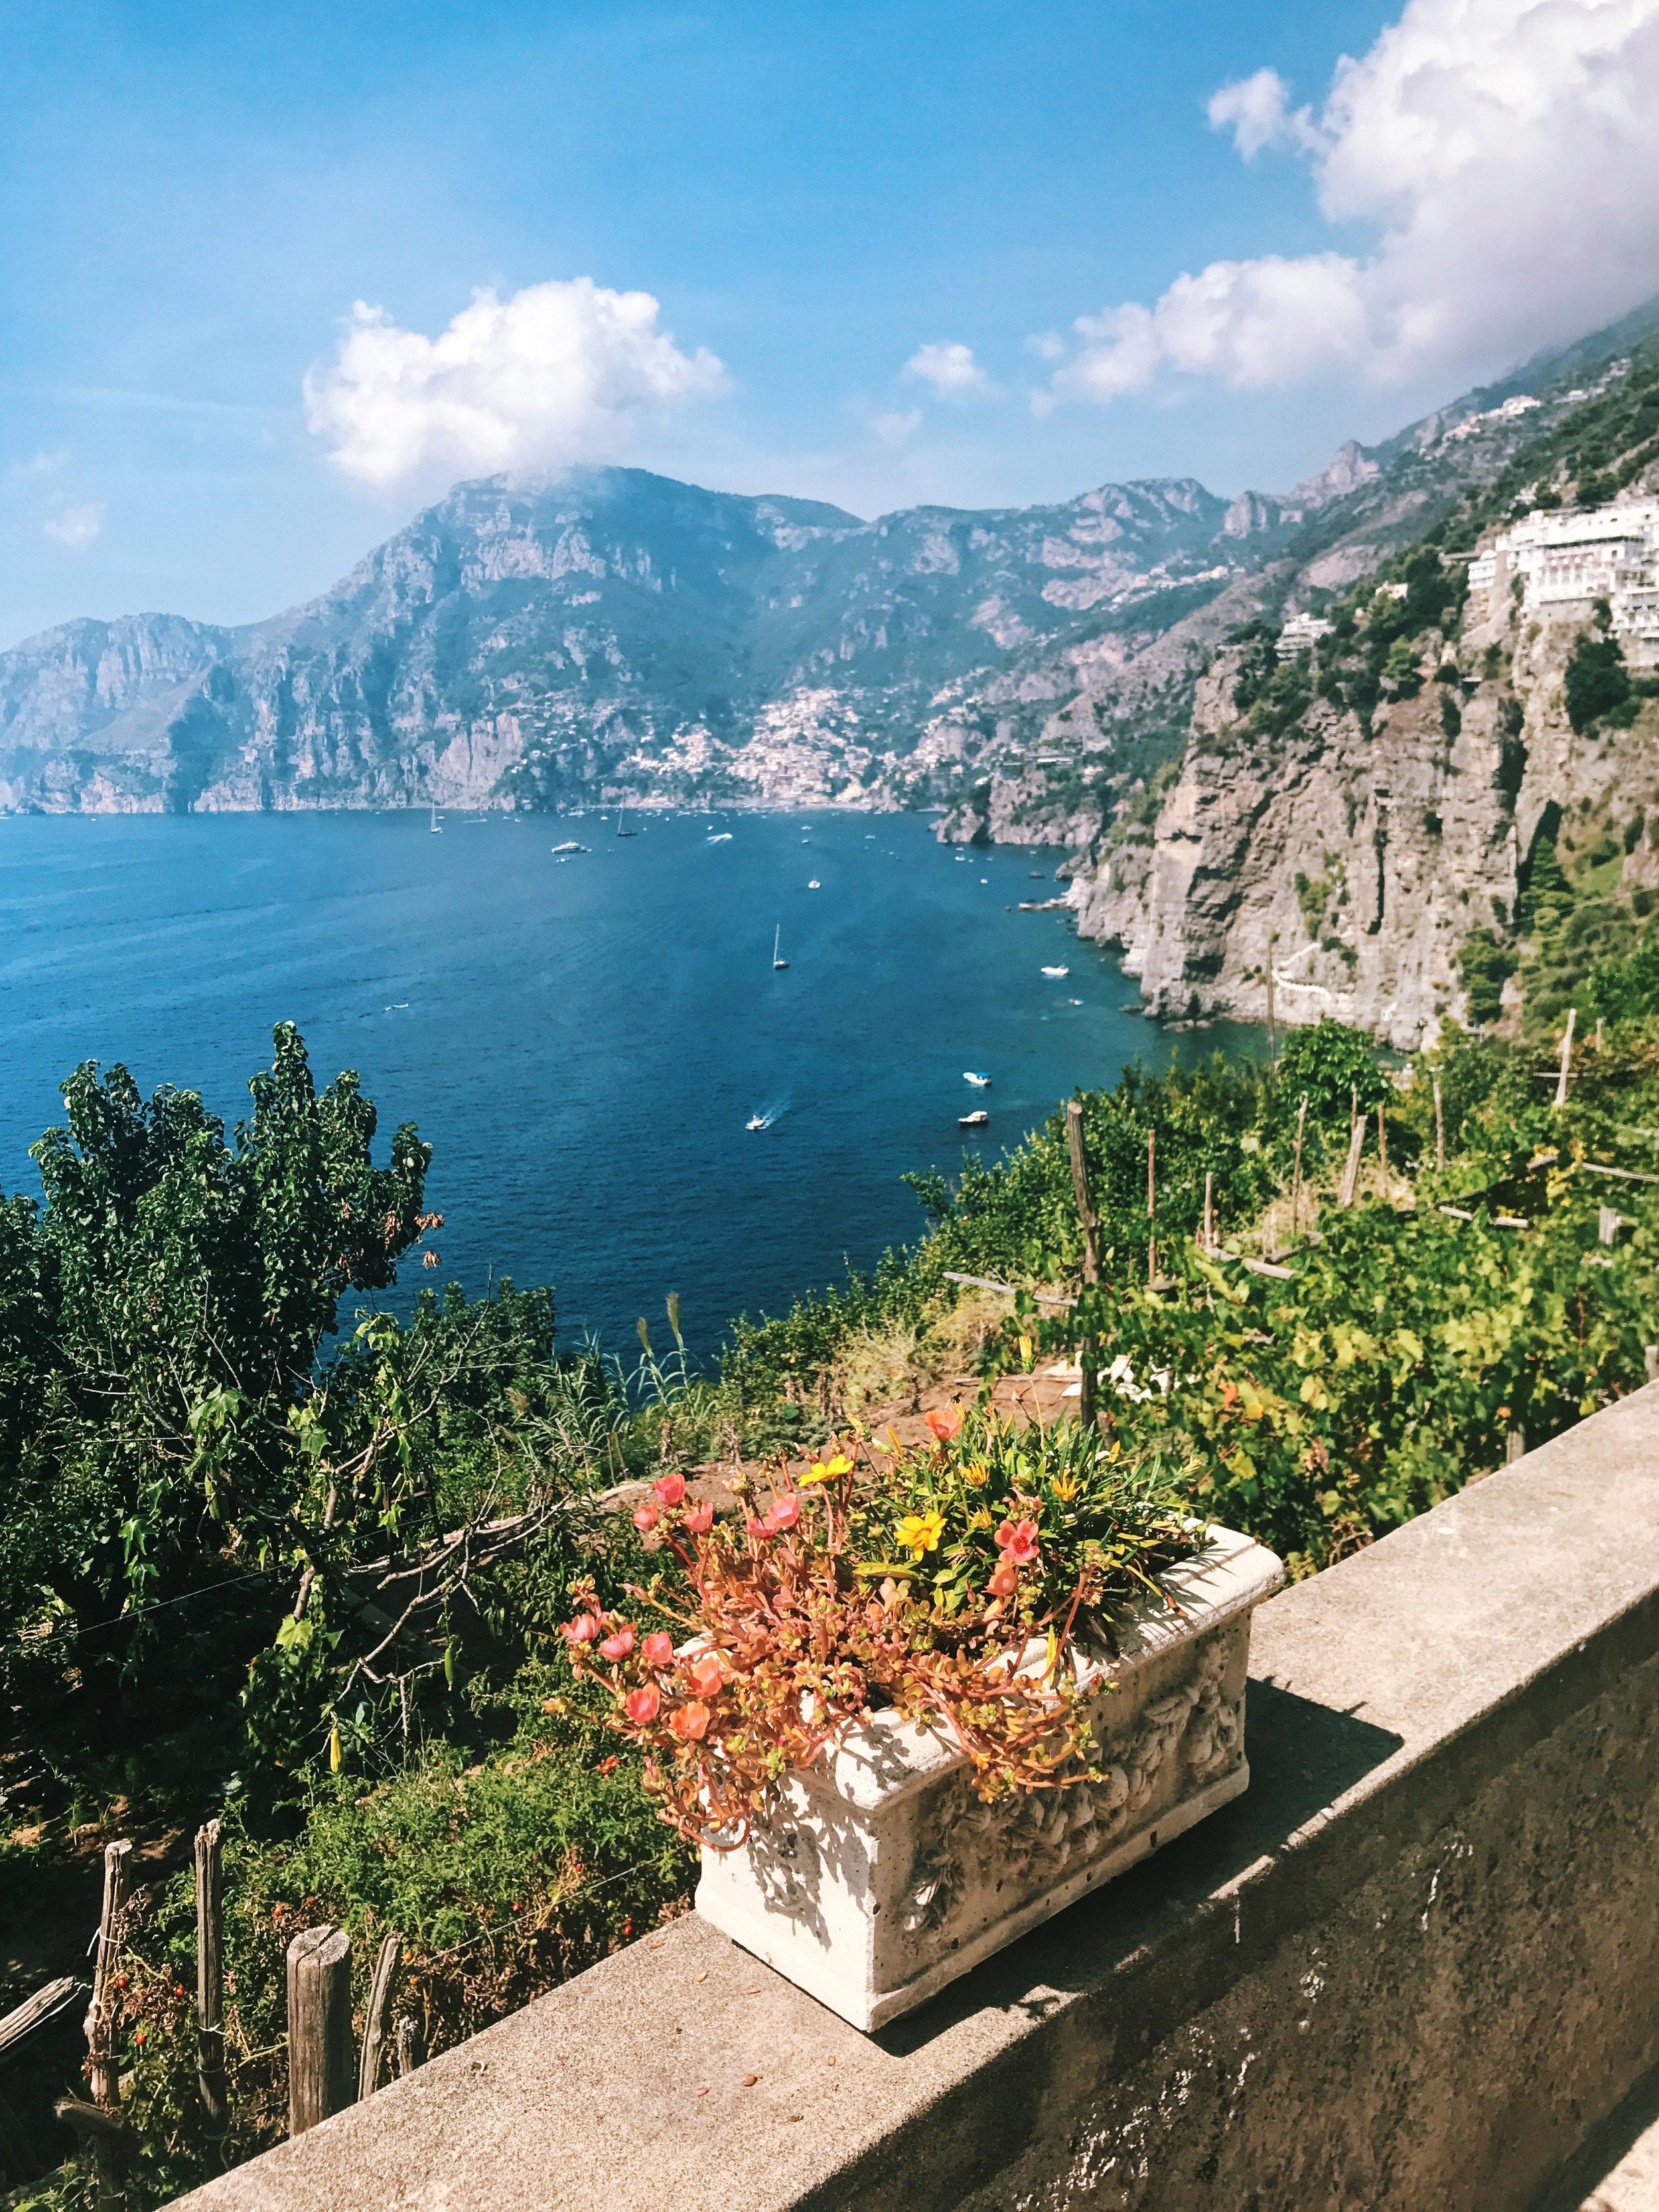 Italy-Positano-Rome-Amalfi-Coast-Lena-Mirisola-68.JPG